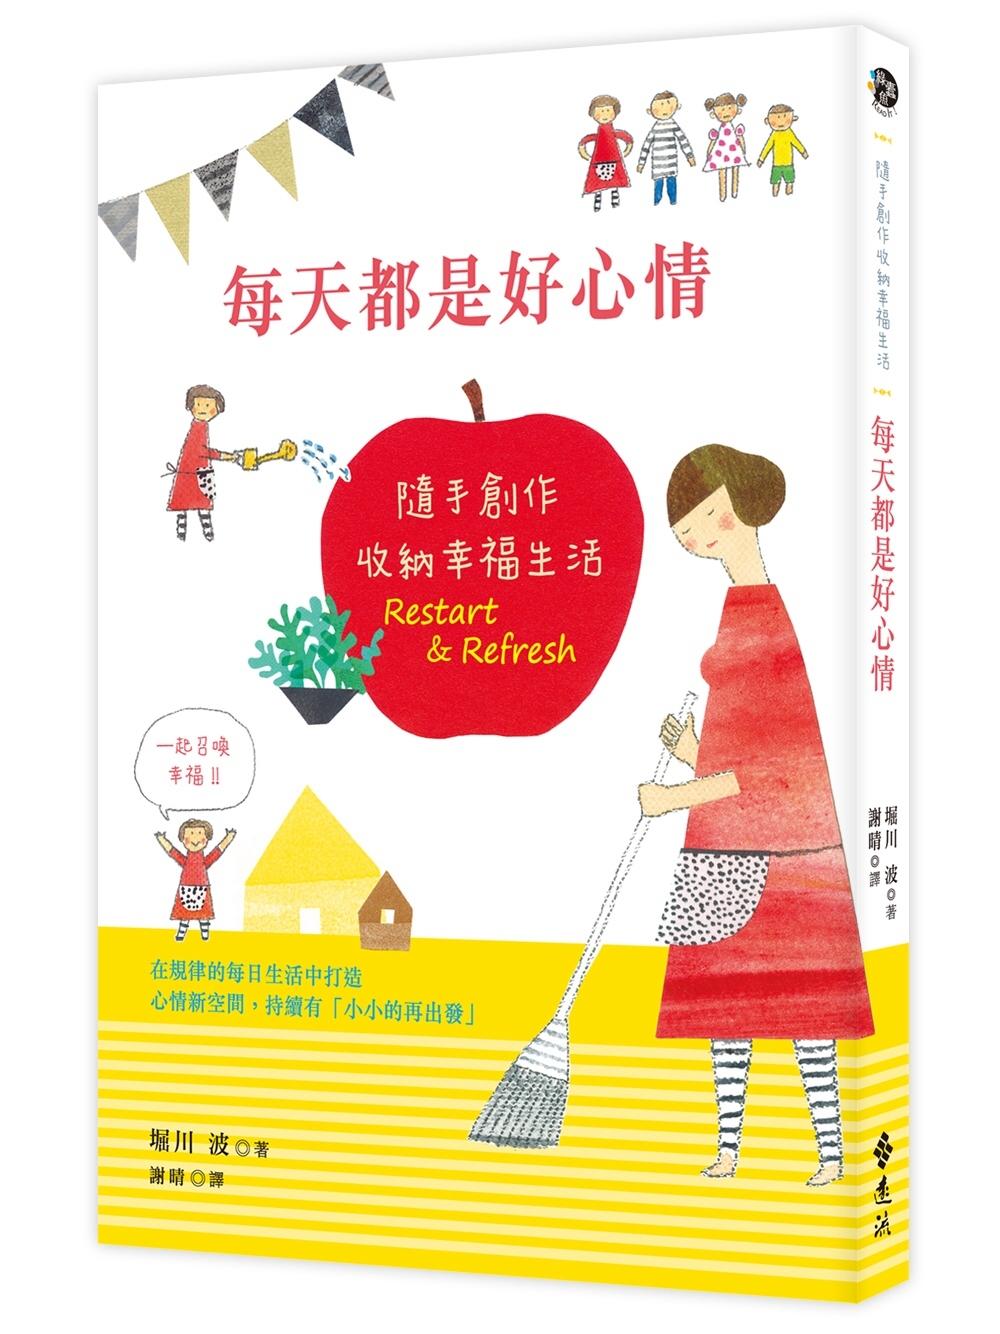 《每天都是好心情:隨手創作收納幸福生活》 商品條碼,ISBN:9789573282297